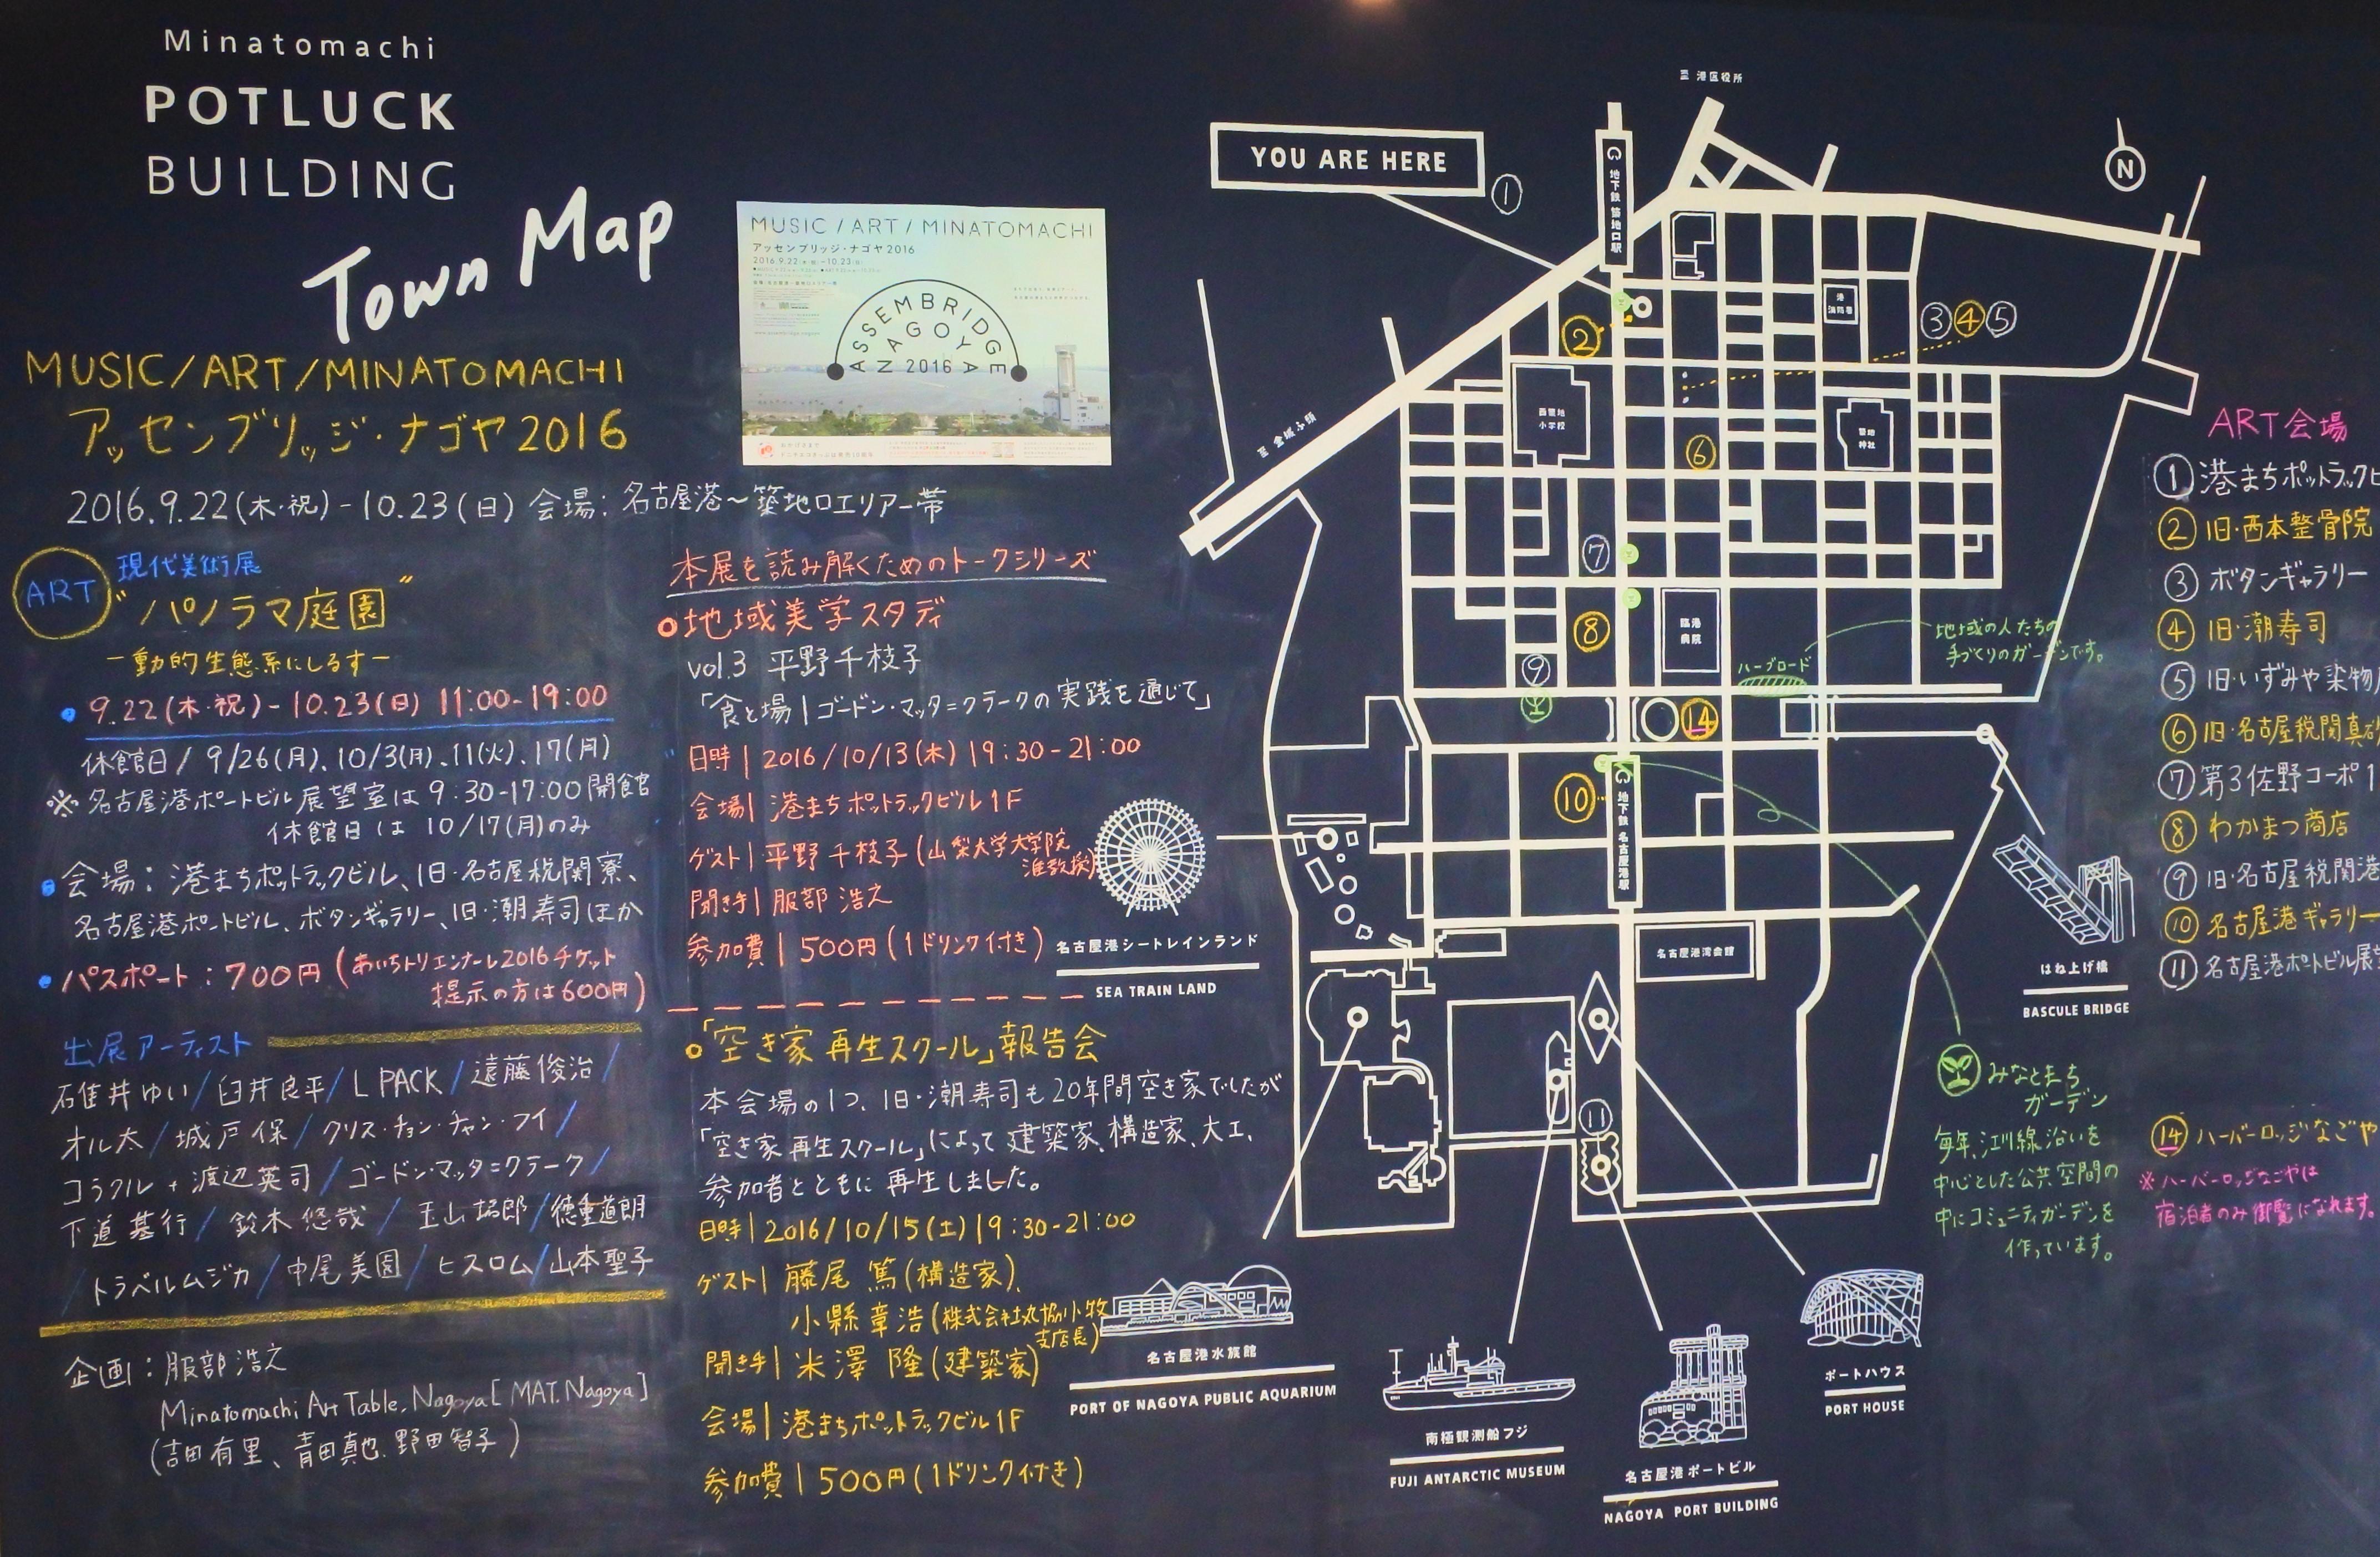 アッセンブリッジ・ナゴヤ 散策マップ